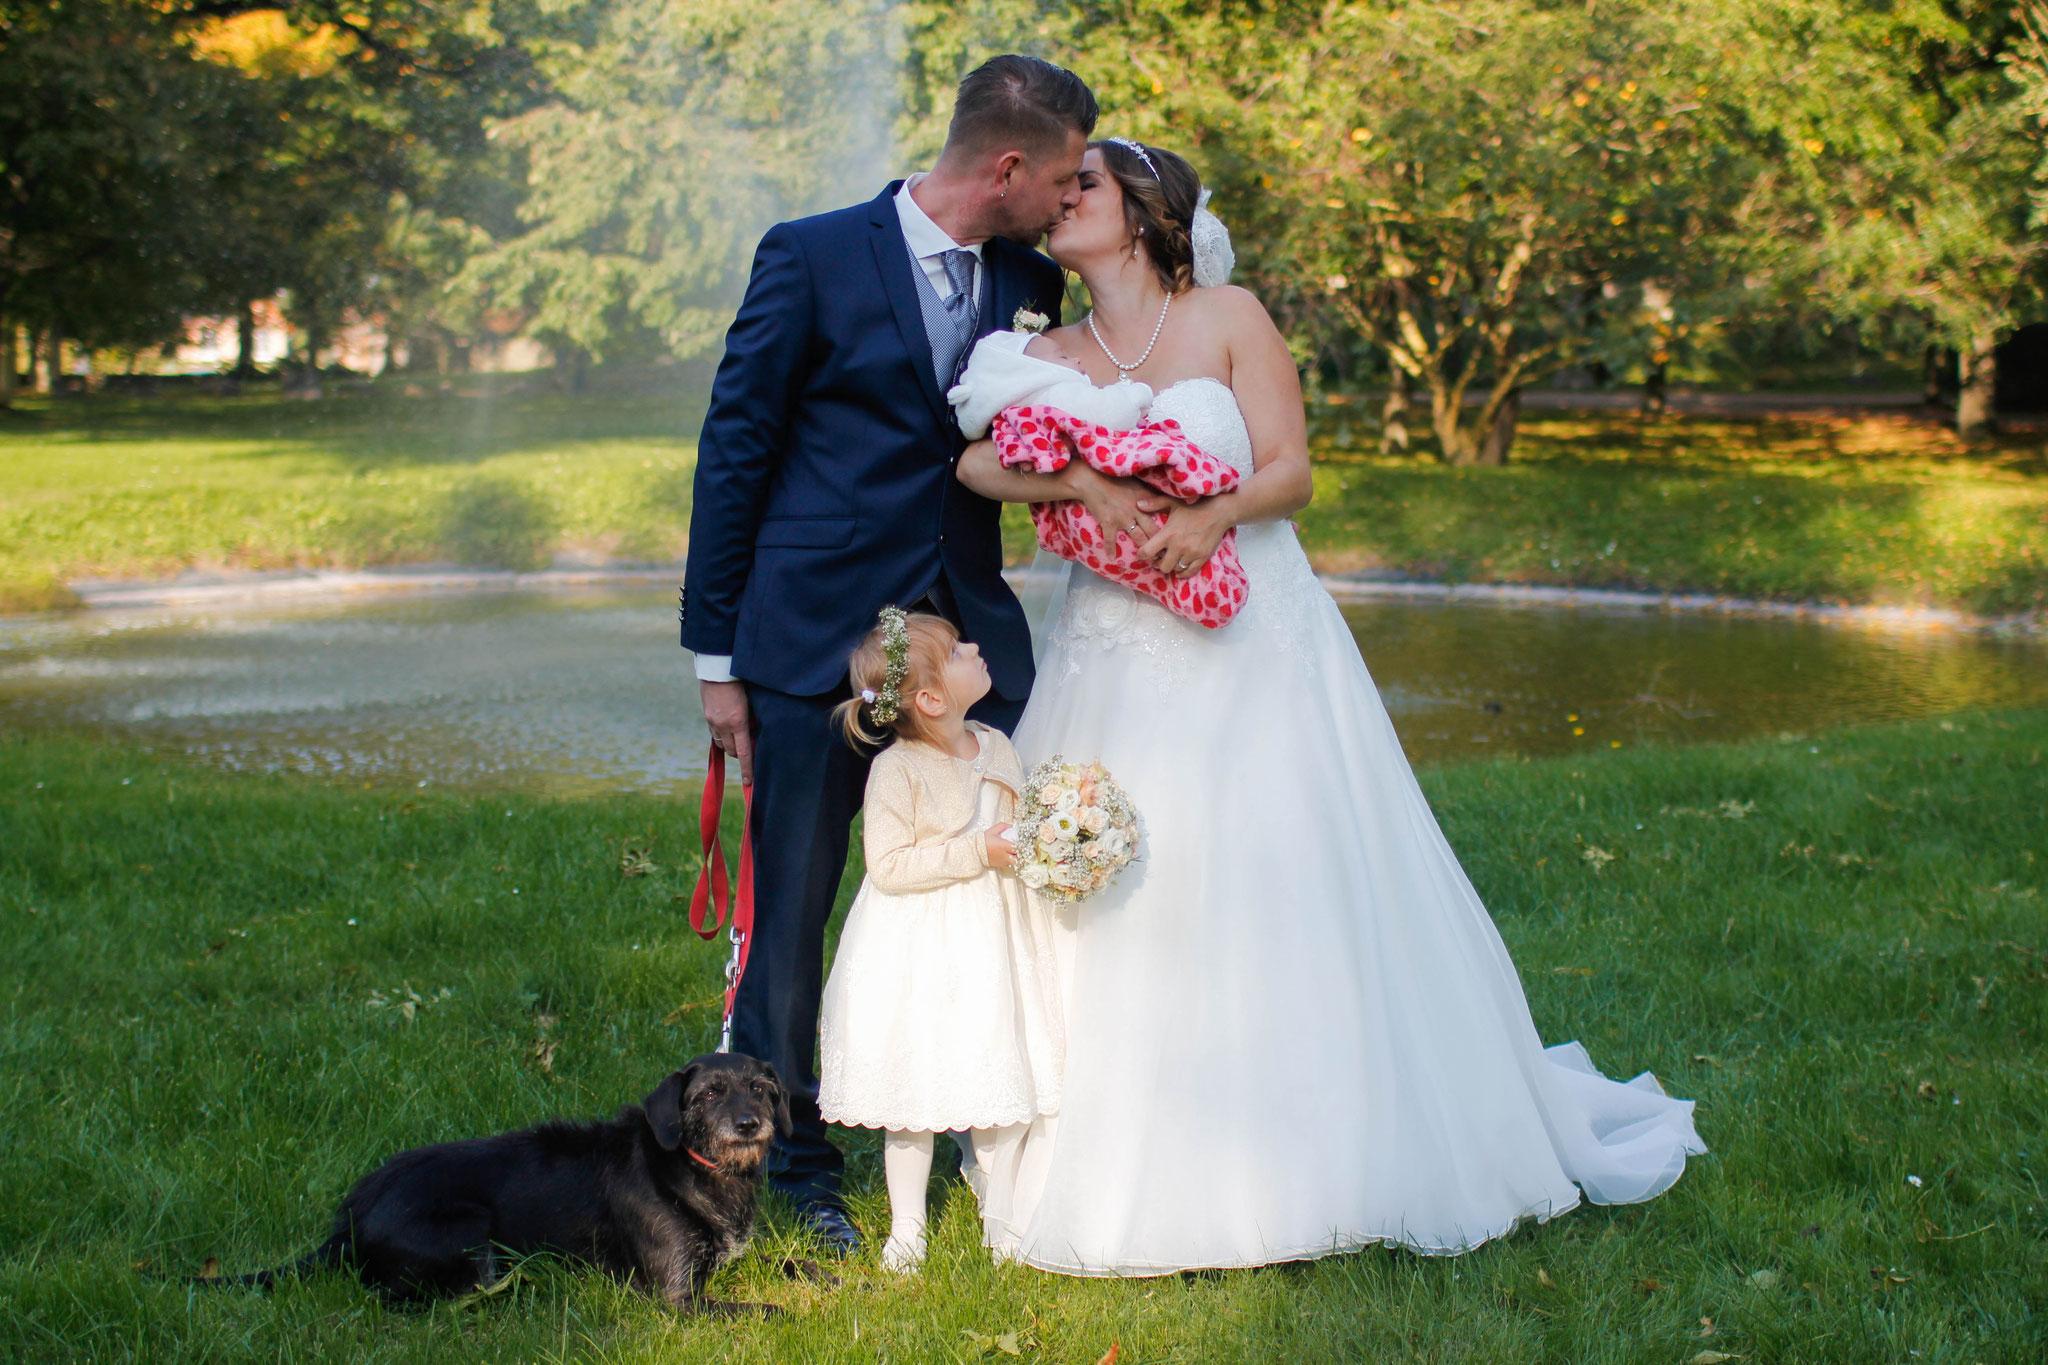 Hochzeiten| Hendrikje Richert Fotografie| outdoor, Schloss Rattey, Familie, Kinder, Hund